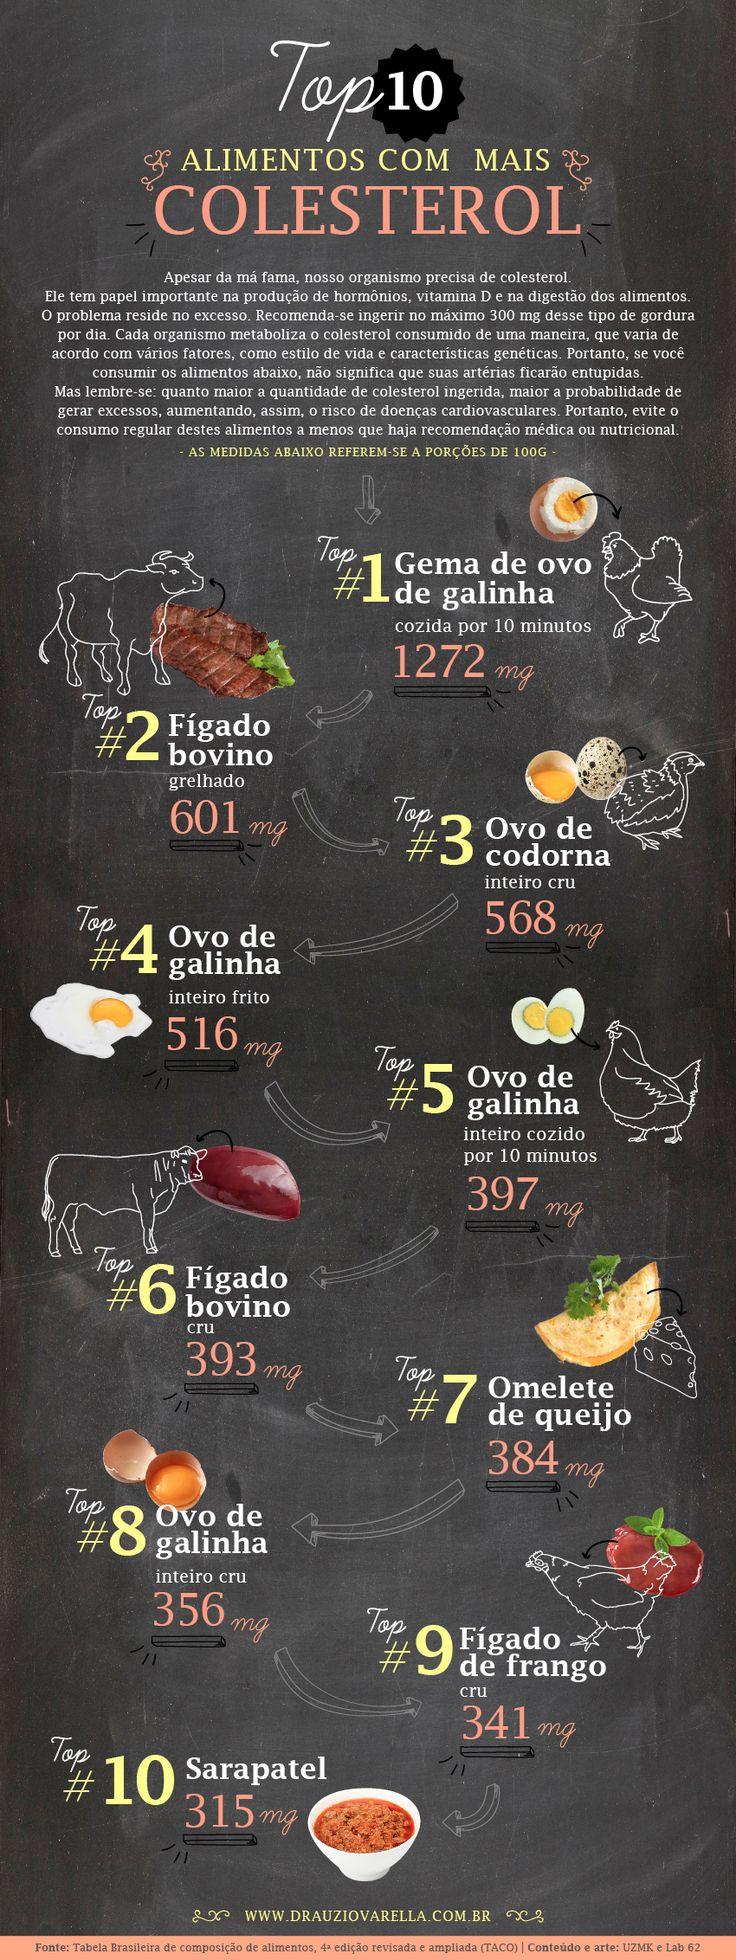 Alimentos com mais colesterol, Dr. Drauzio Varella.